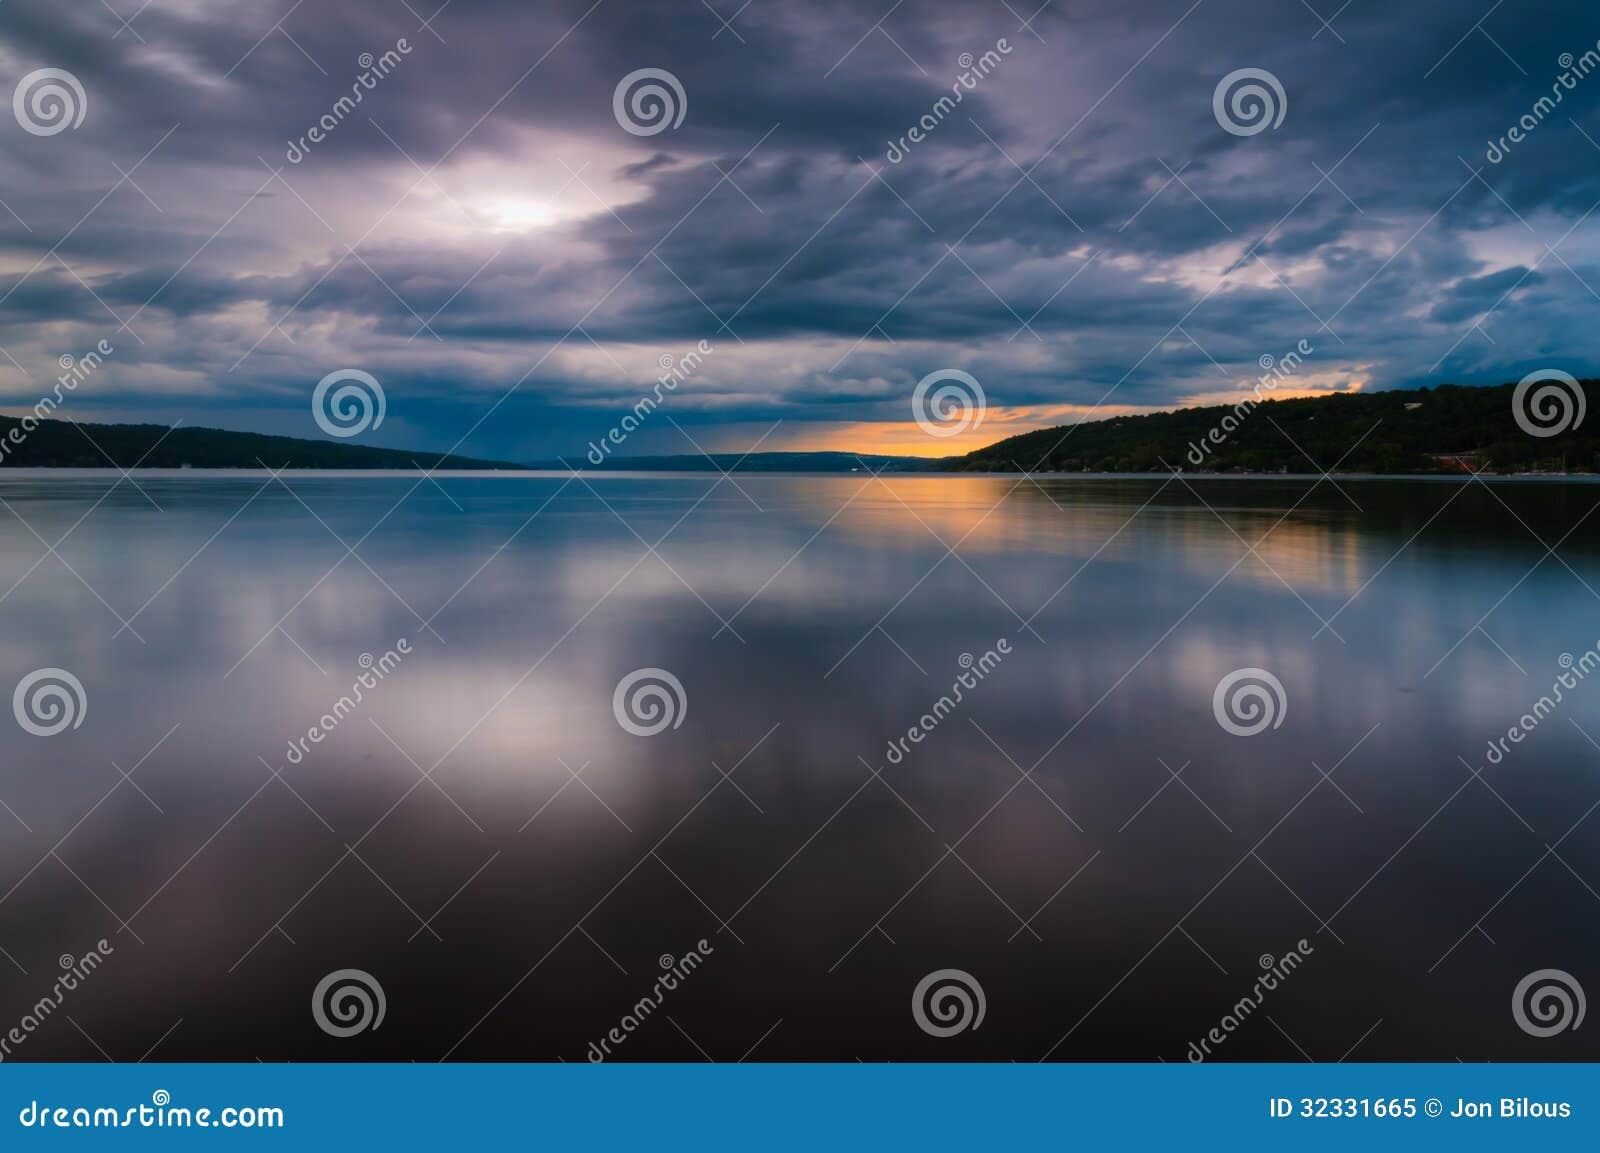 Le nuvole di tempesta si spostano per il lago Cayuga in un esposizione lunga